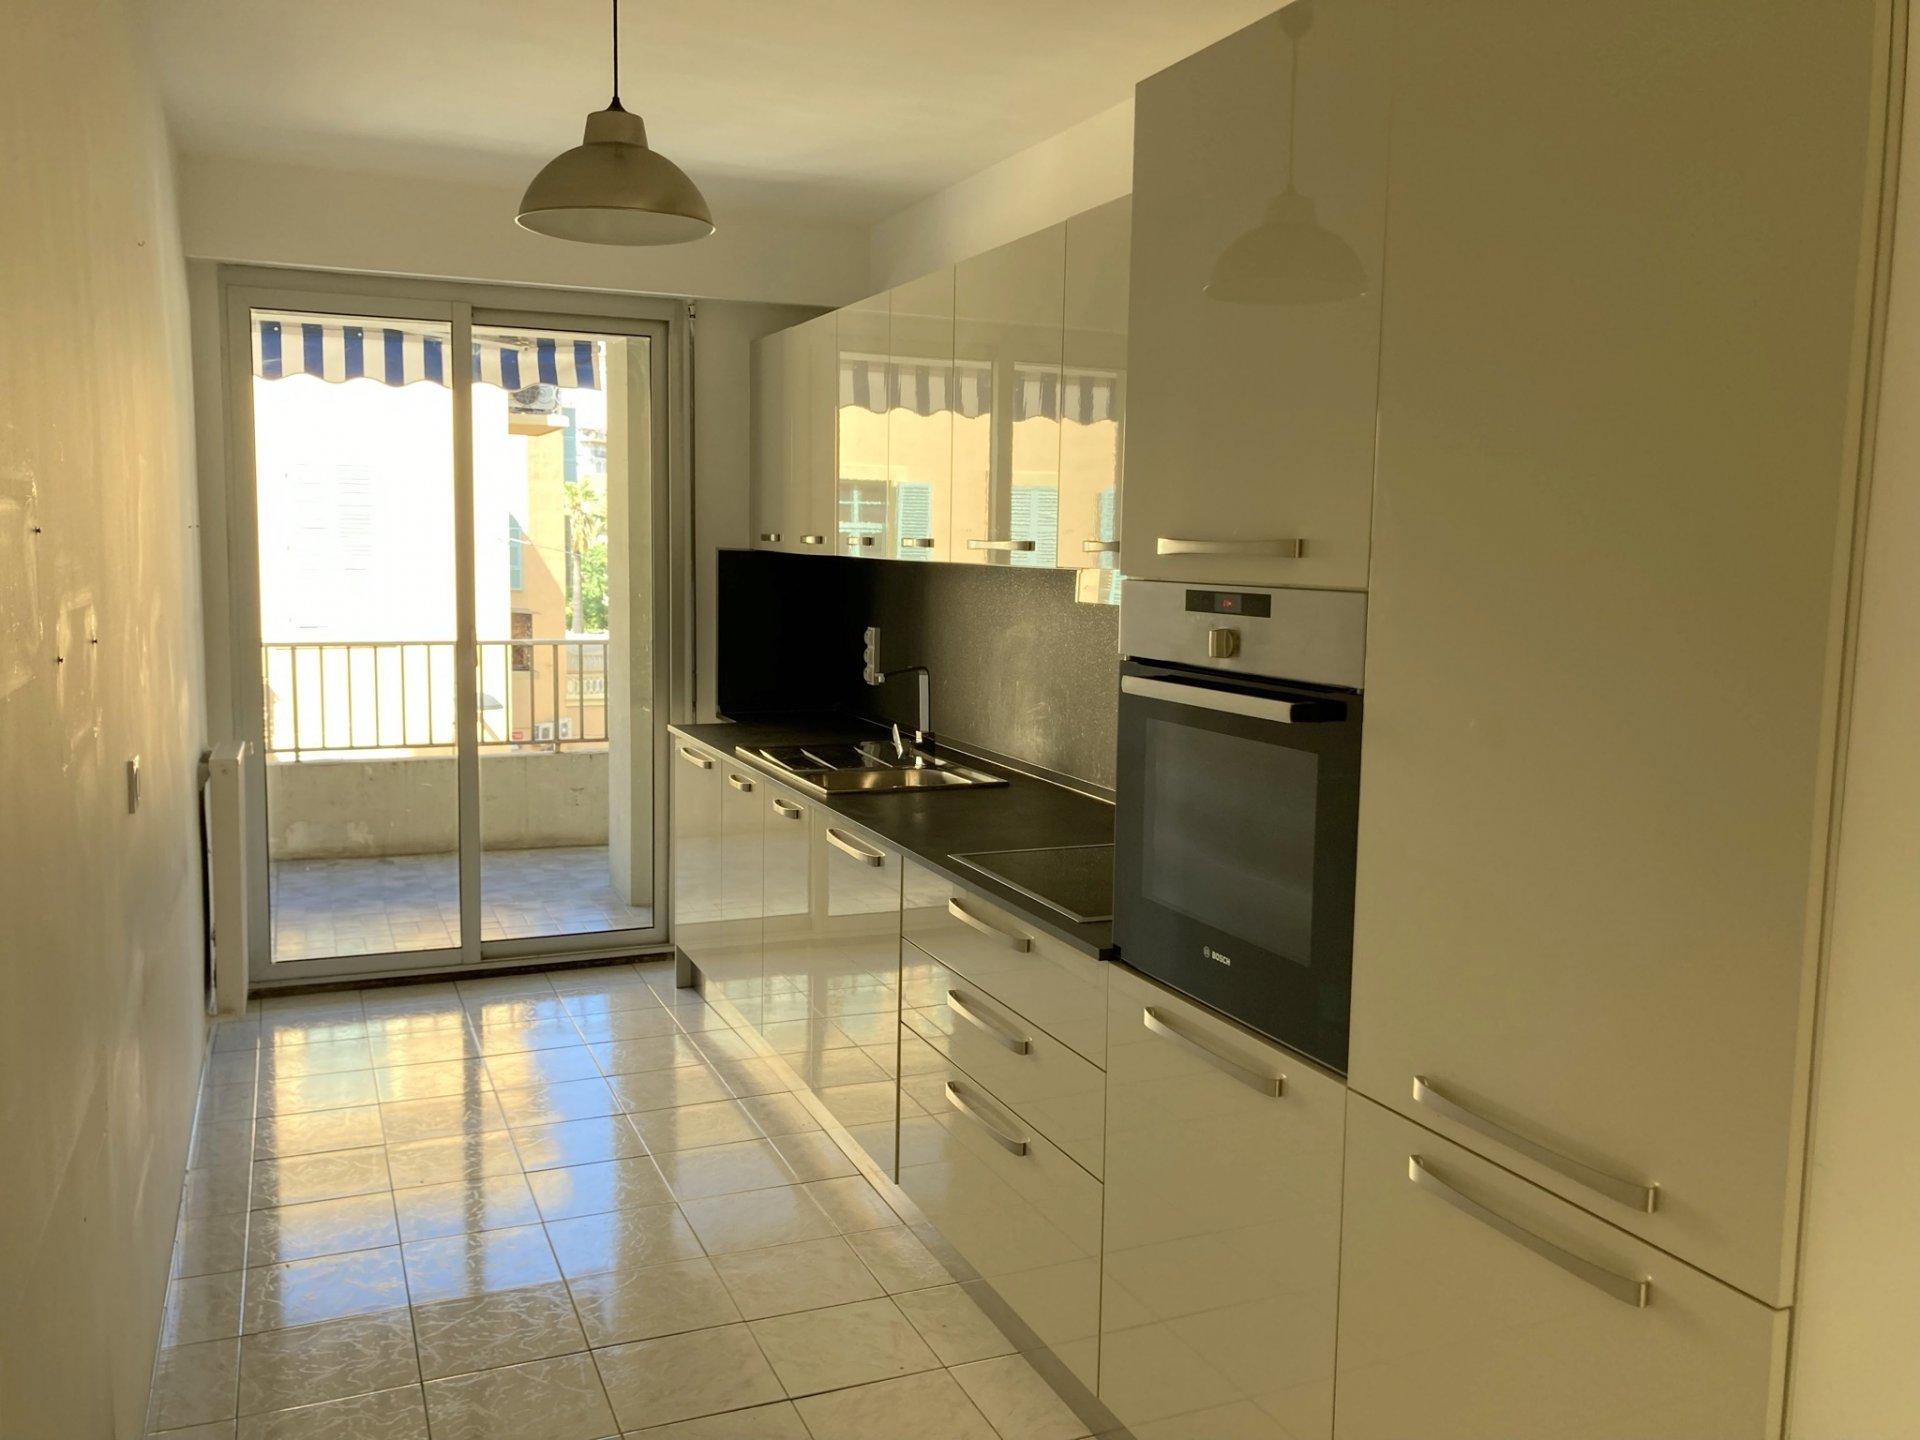 Location Nice, 2 pièces 60.30m² avec terrasse situé secteur  Garibaldi